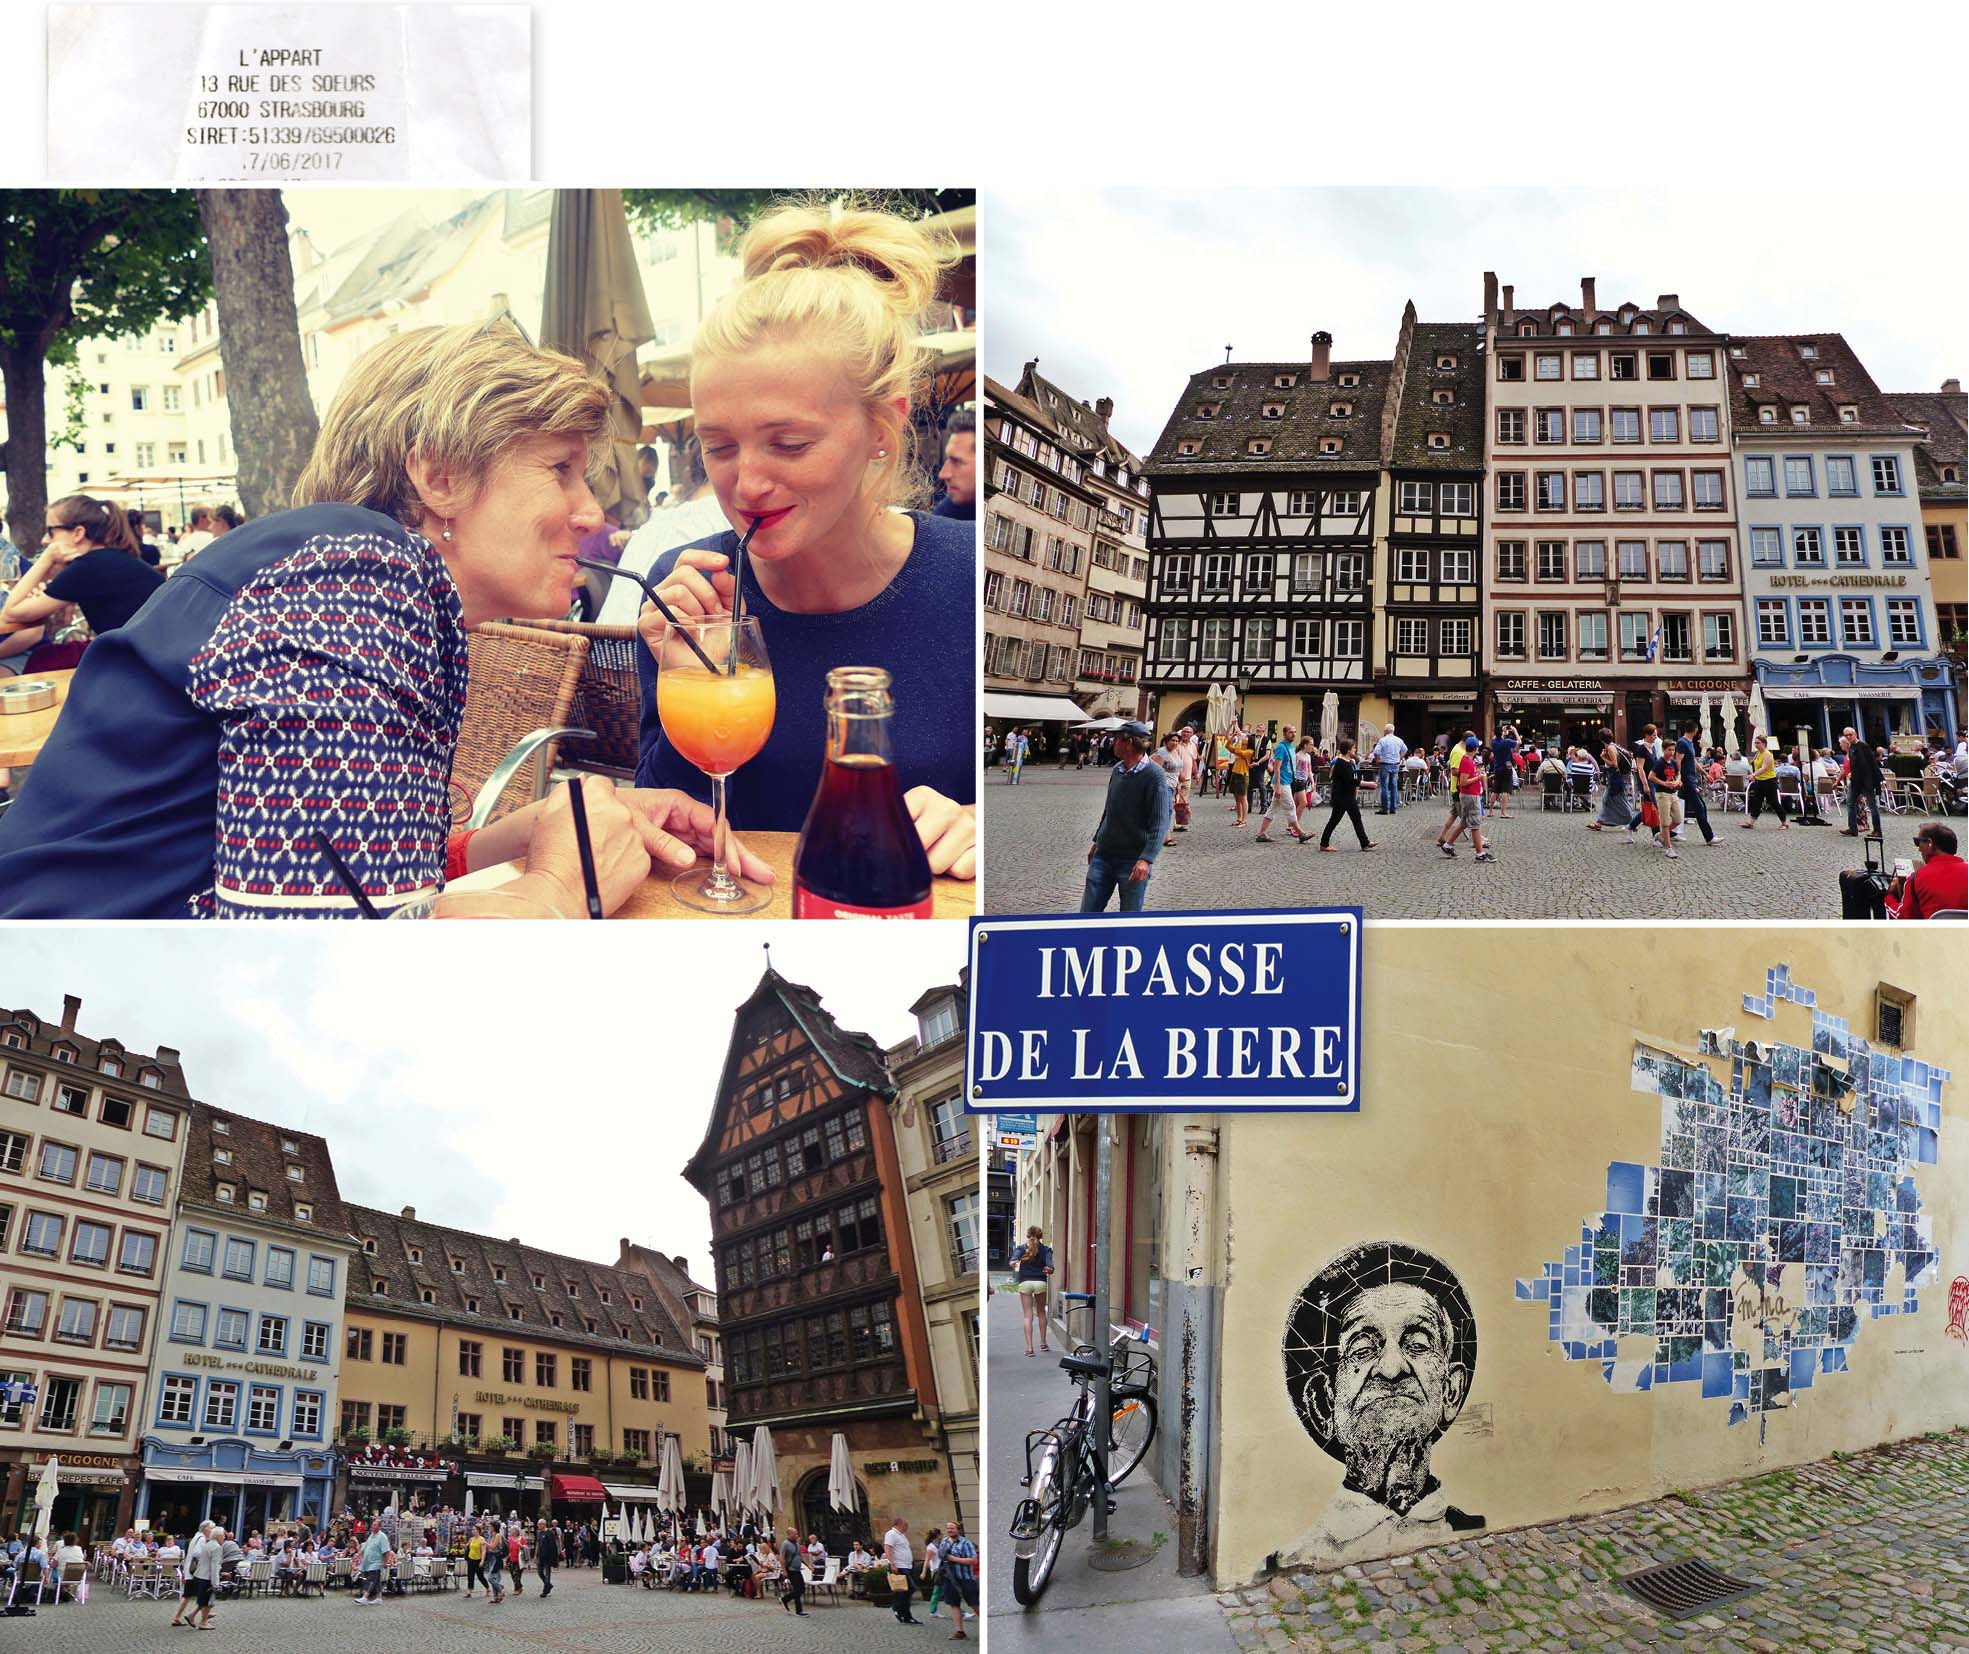 europe, France, road trip, voyage, ville, Strasbourg, cathédrale, cocktail, bière, place, rue